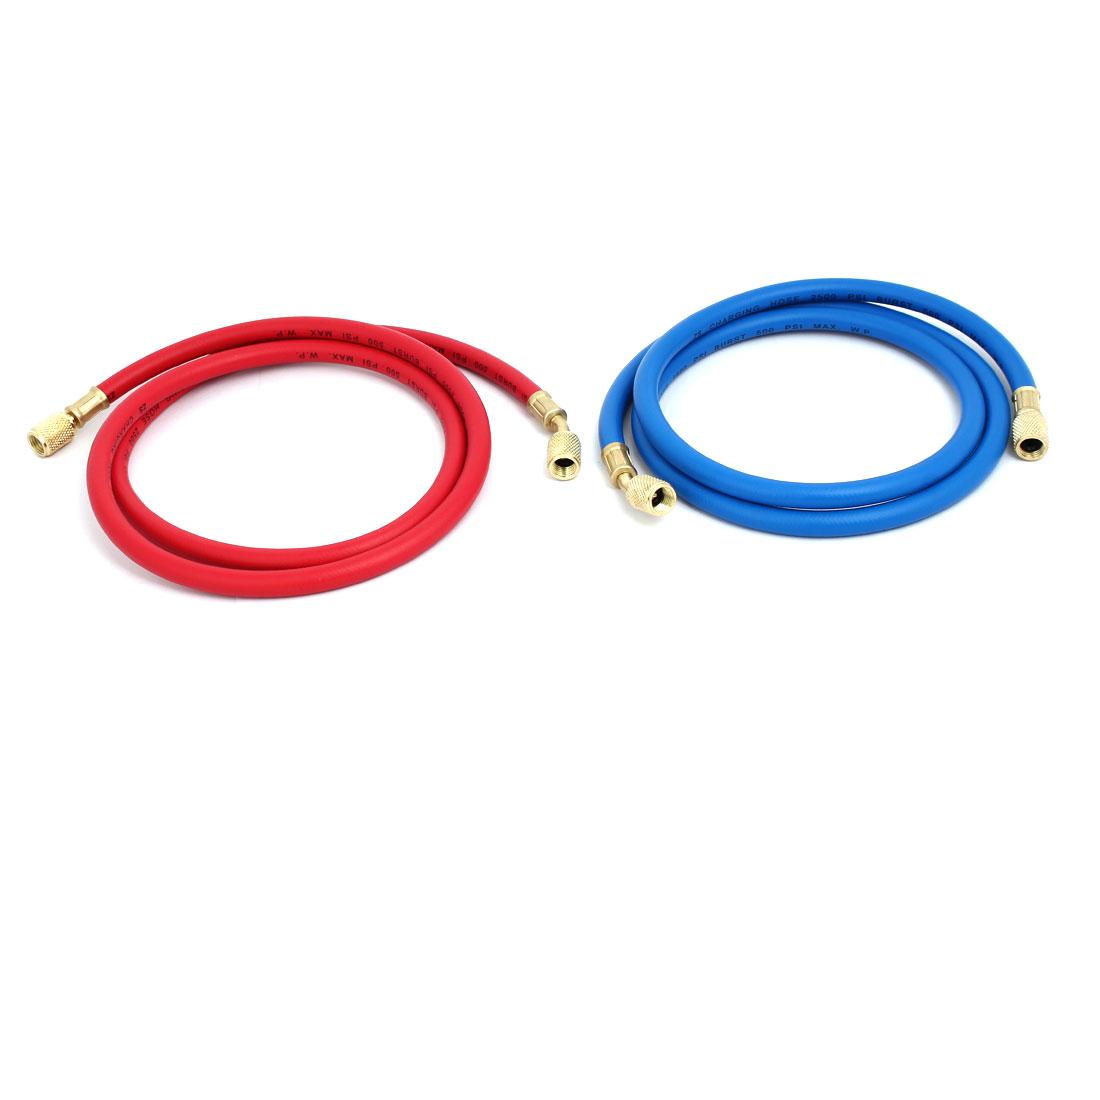 2pcs 1.36M 1/4NPT Refrigeration Charging Hose for AC Refrigerant R22 R134